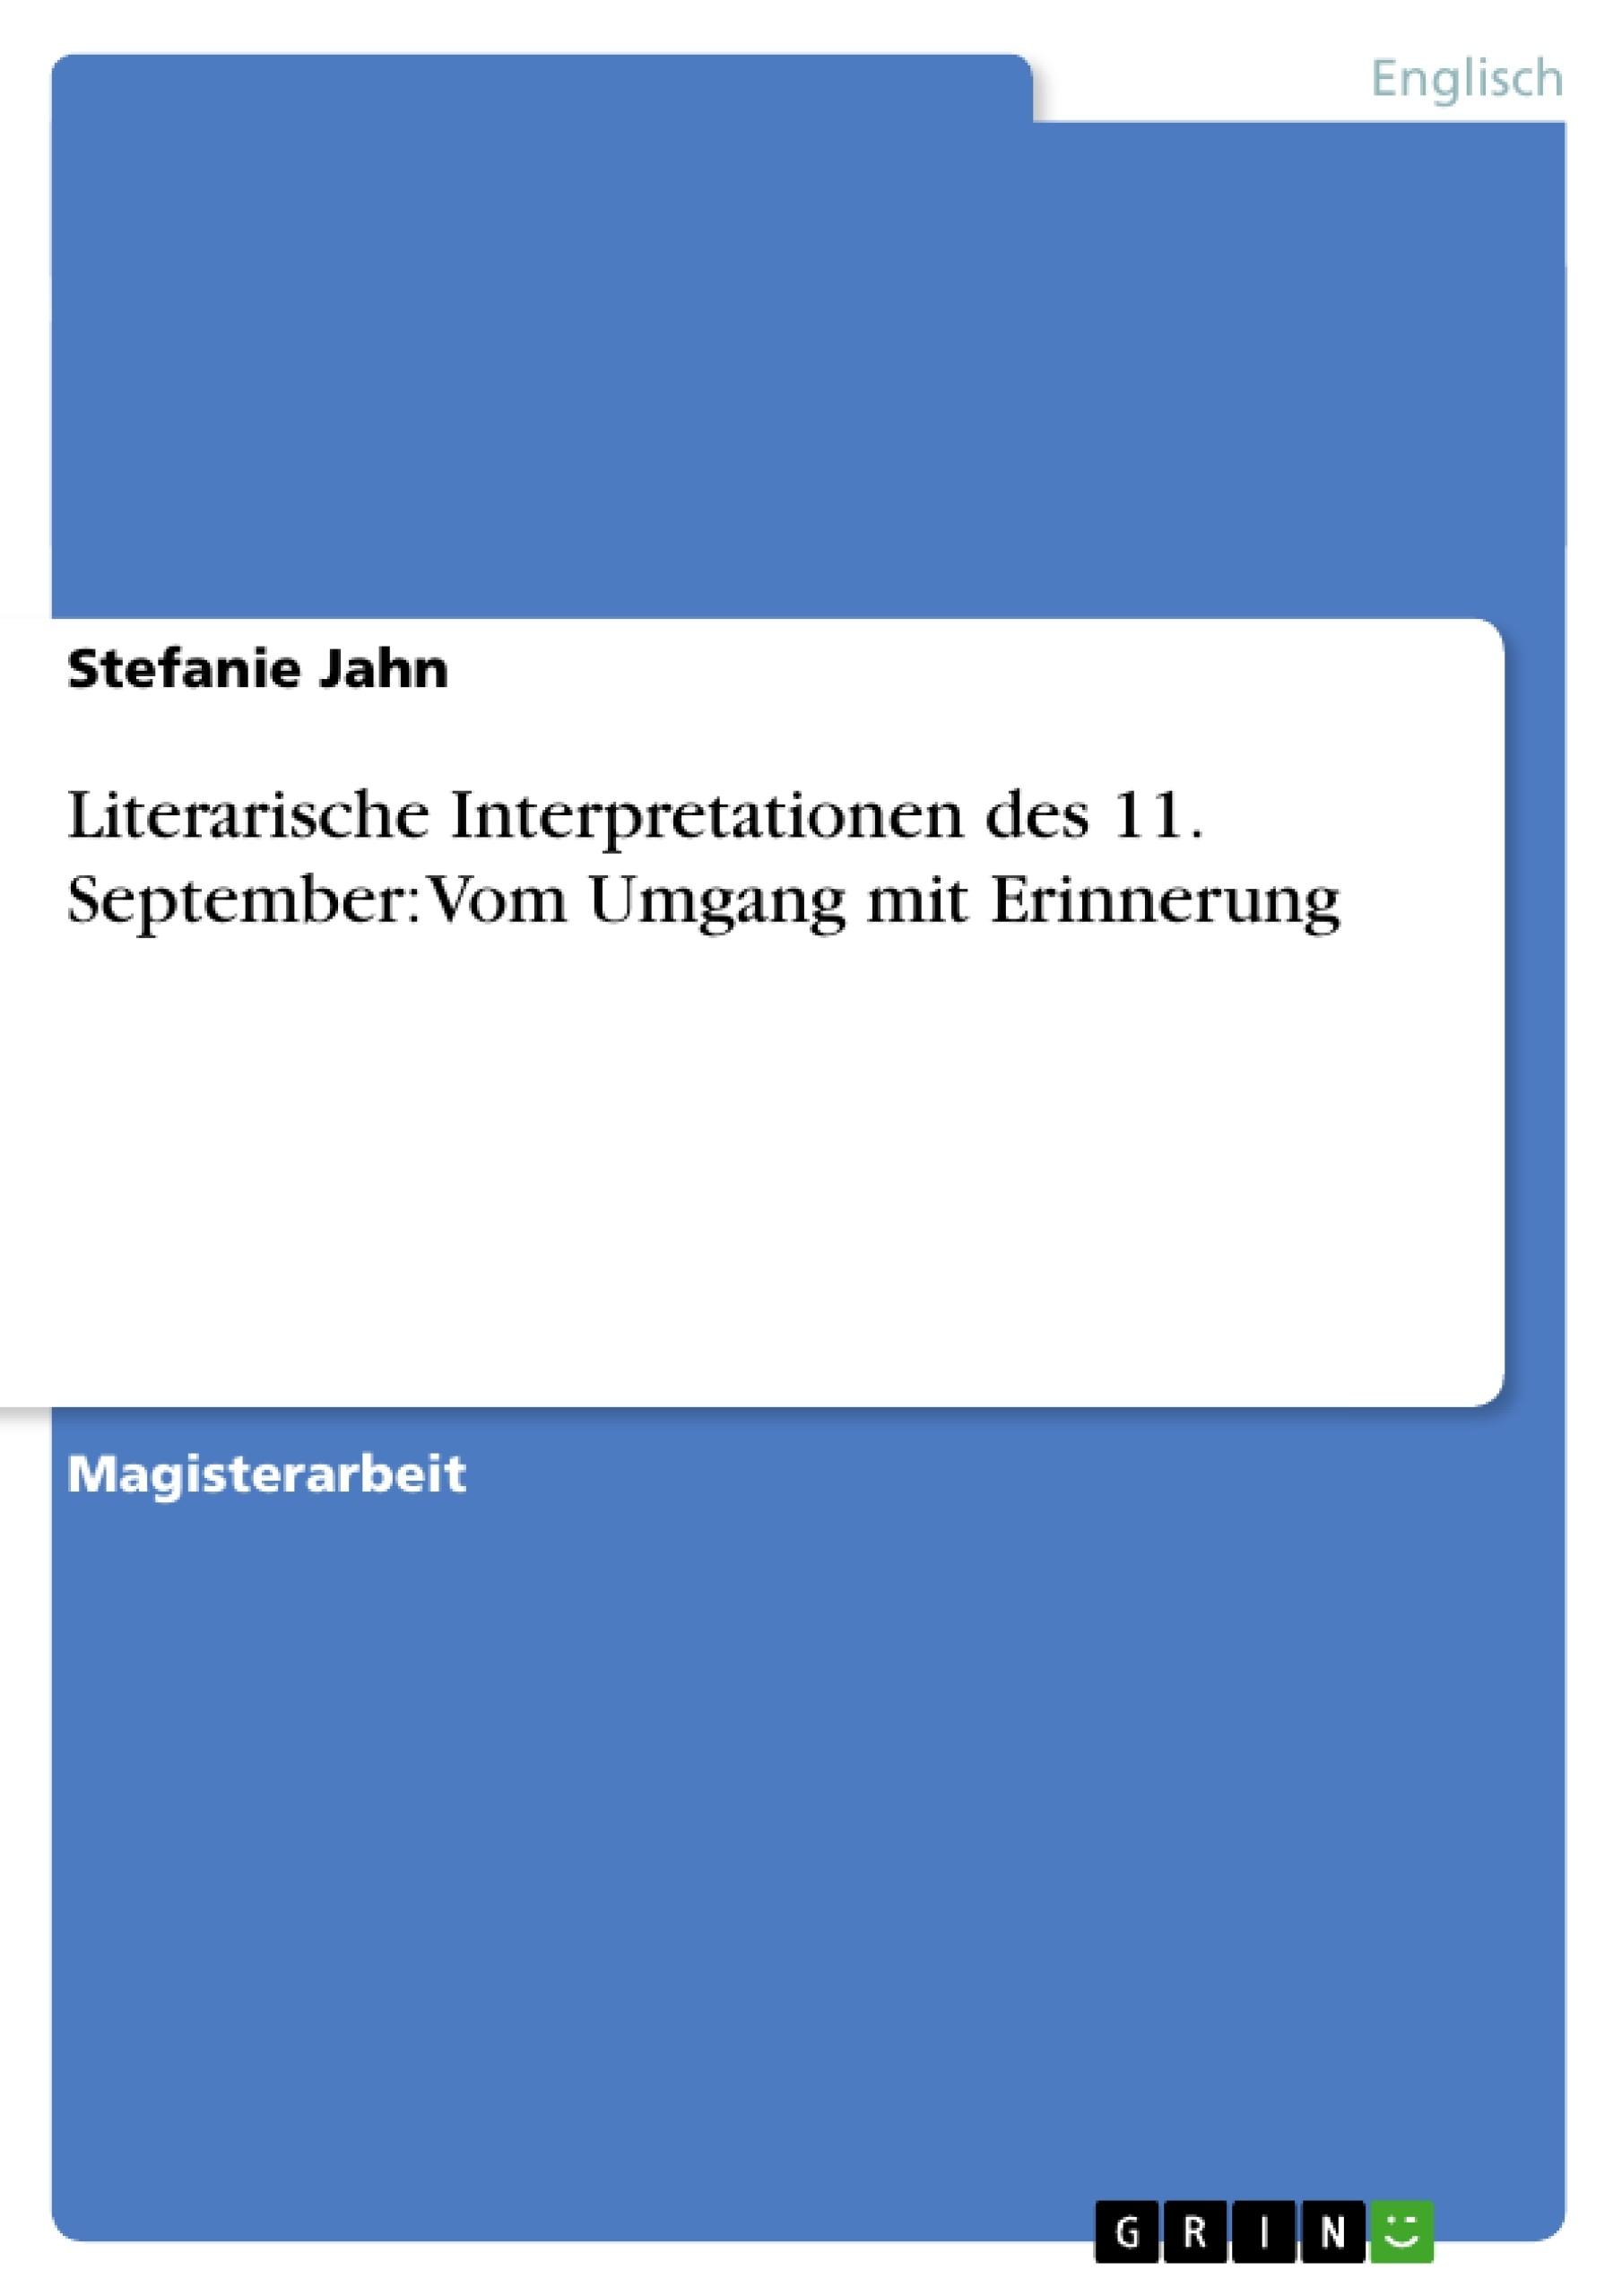 Titel: Literarische Interpretationen des 11. September: Vom Umgang mit Erinnerung